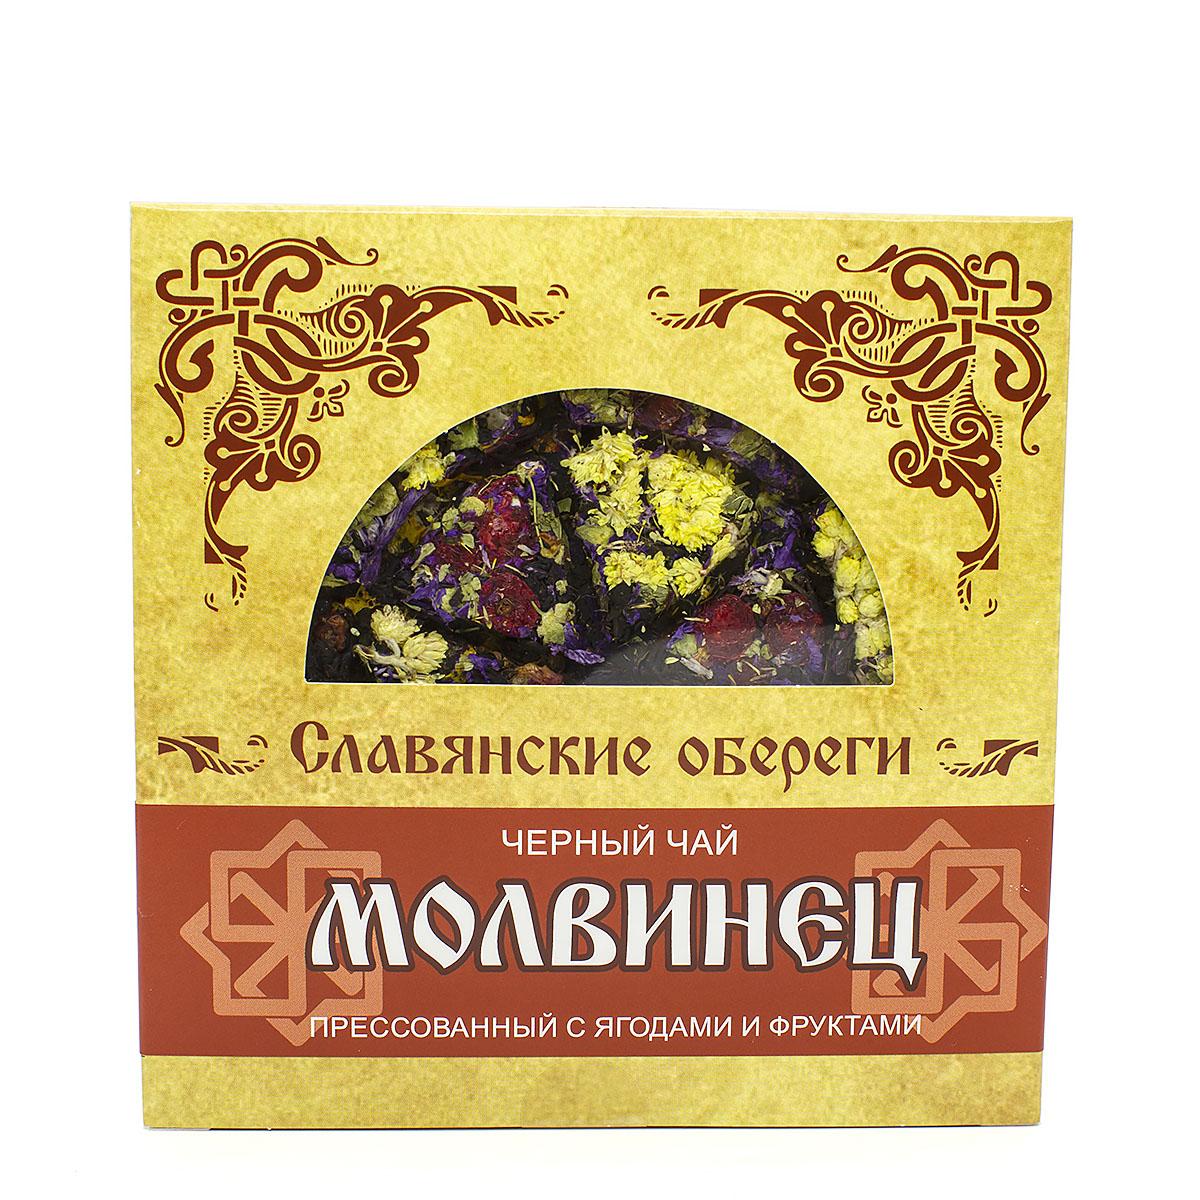 Фото - Чай чёрный Молвинец, прессованный, блин, 125 г чай чёрный вселенная прессованный блин 75 г